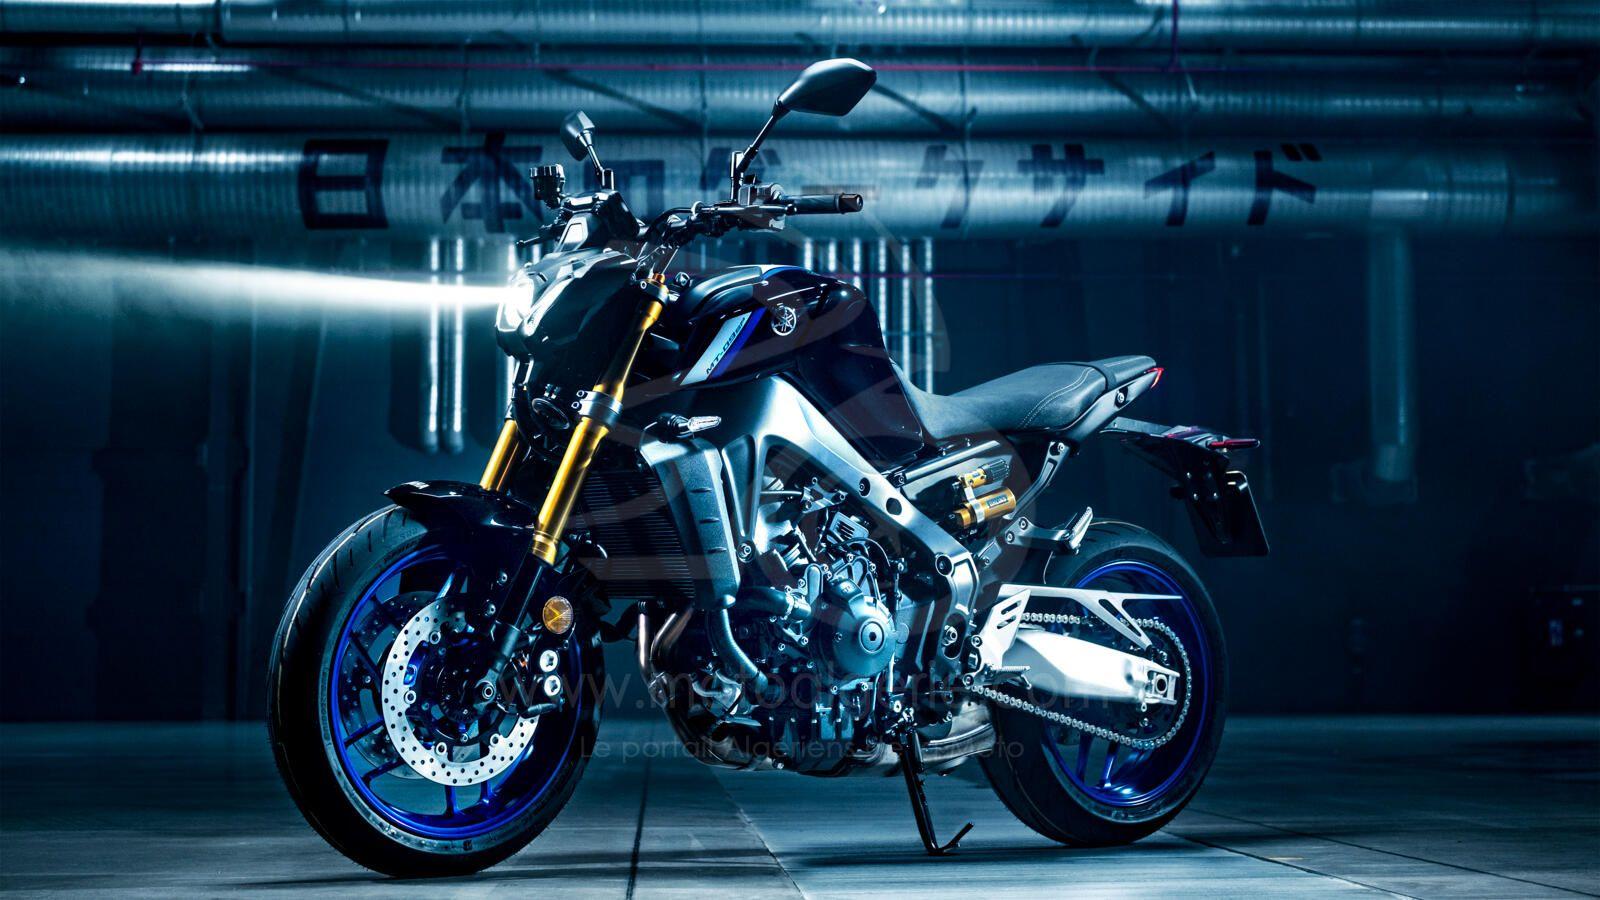 Nouvelle Yamaha MT-09 SP 2021 : Spécifications haut de gamme et finitions exclusives